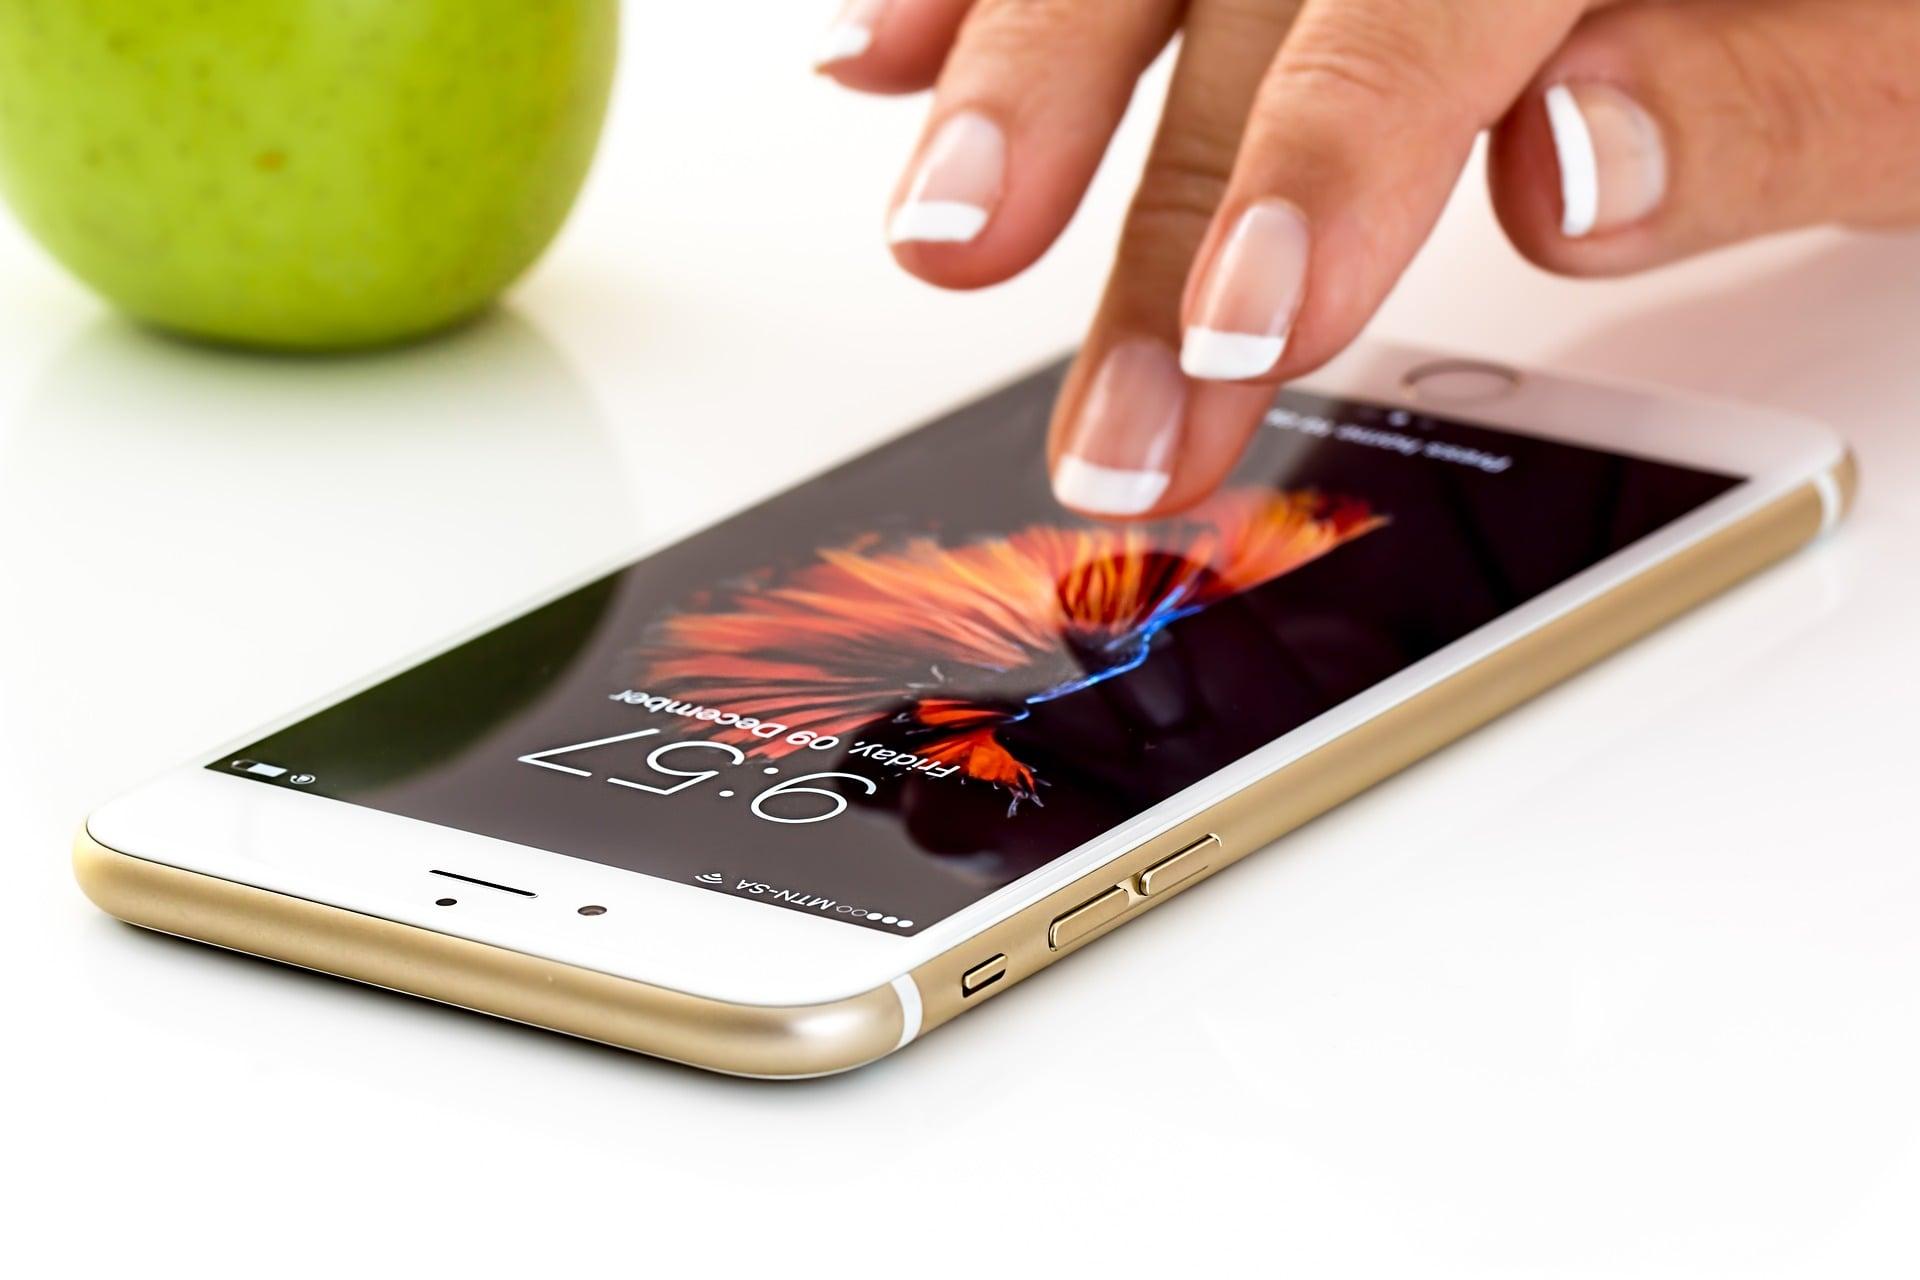 Apple wyjaśnia, dlaczego iPhone ostrzega przed nieoryginalnymi akumulatorami 23